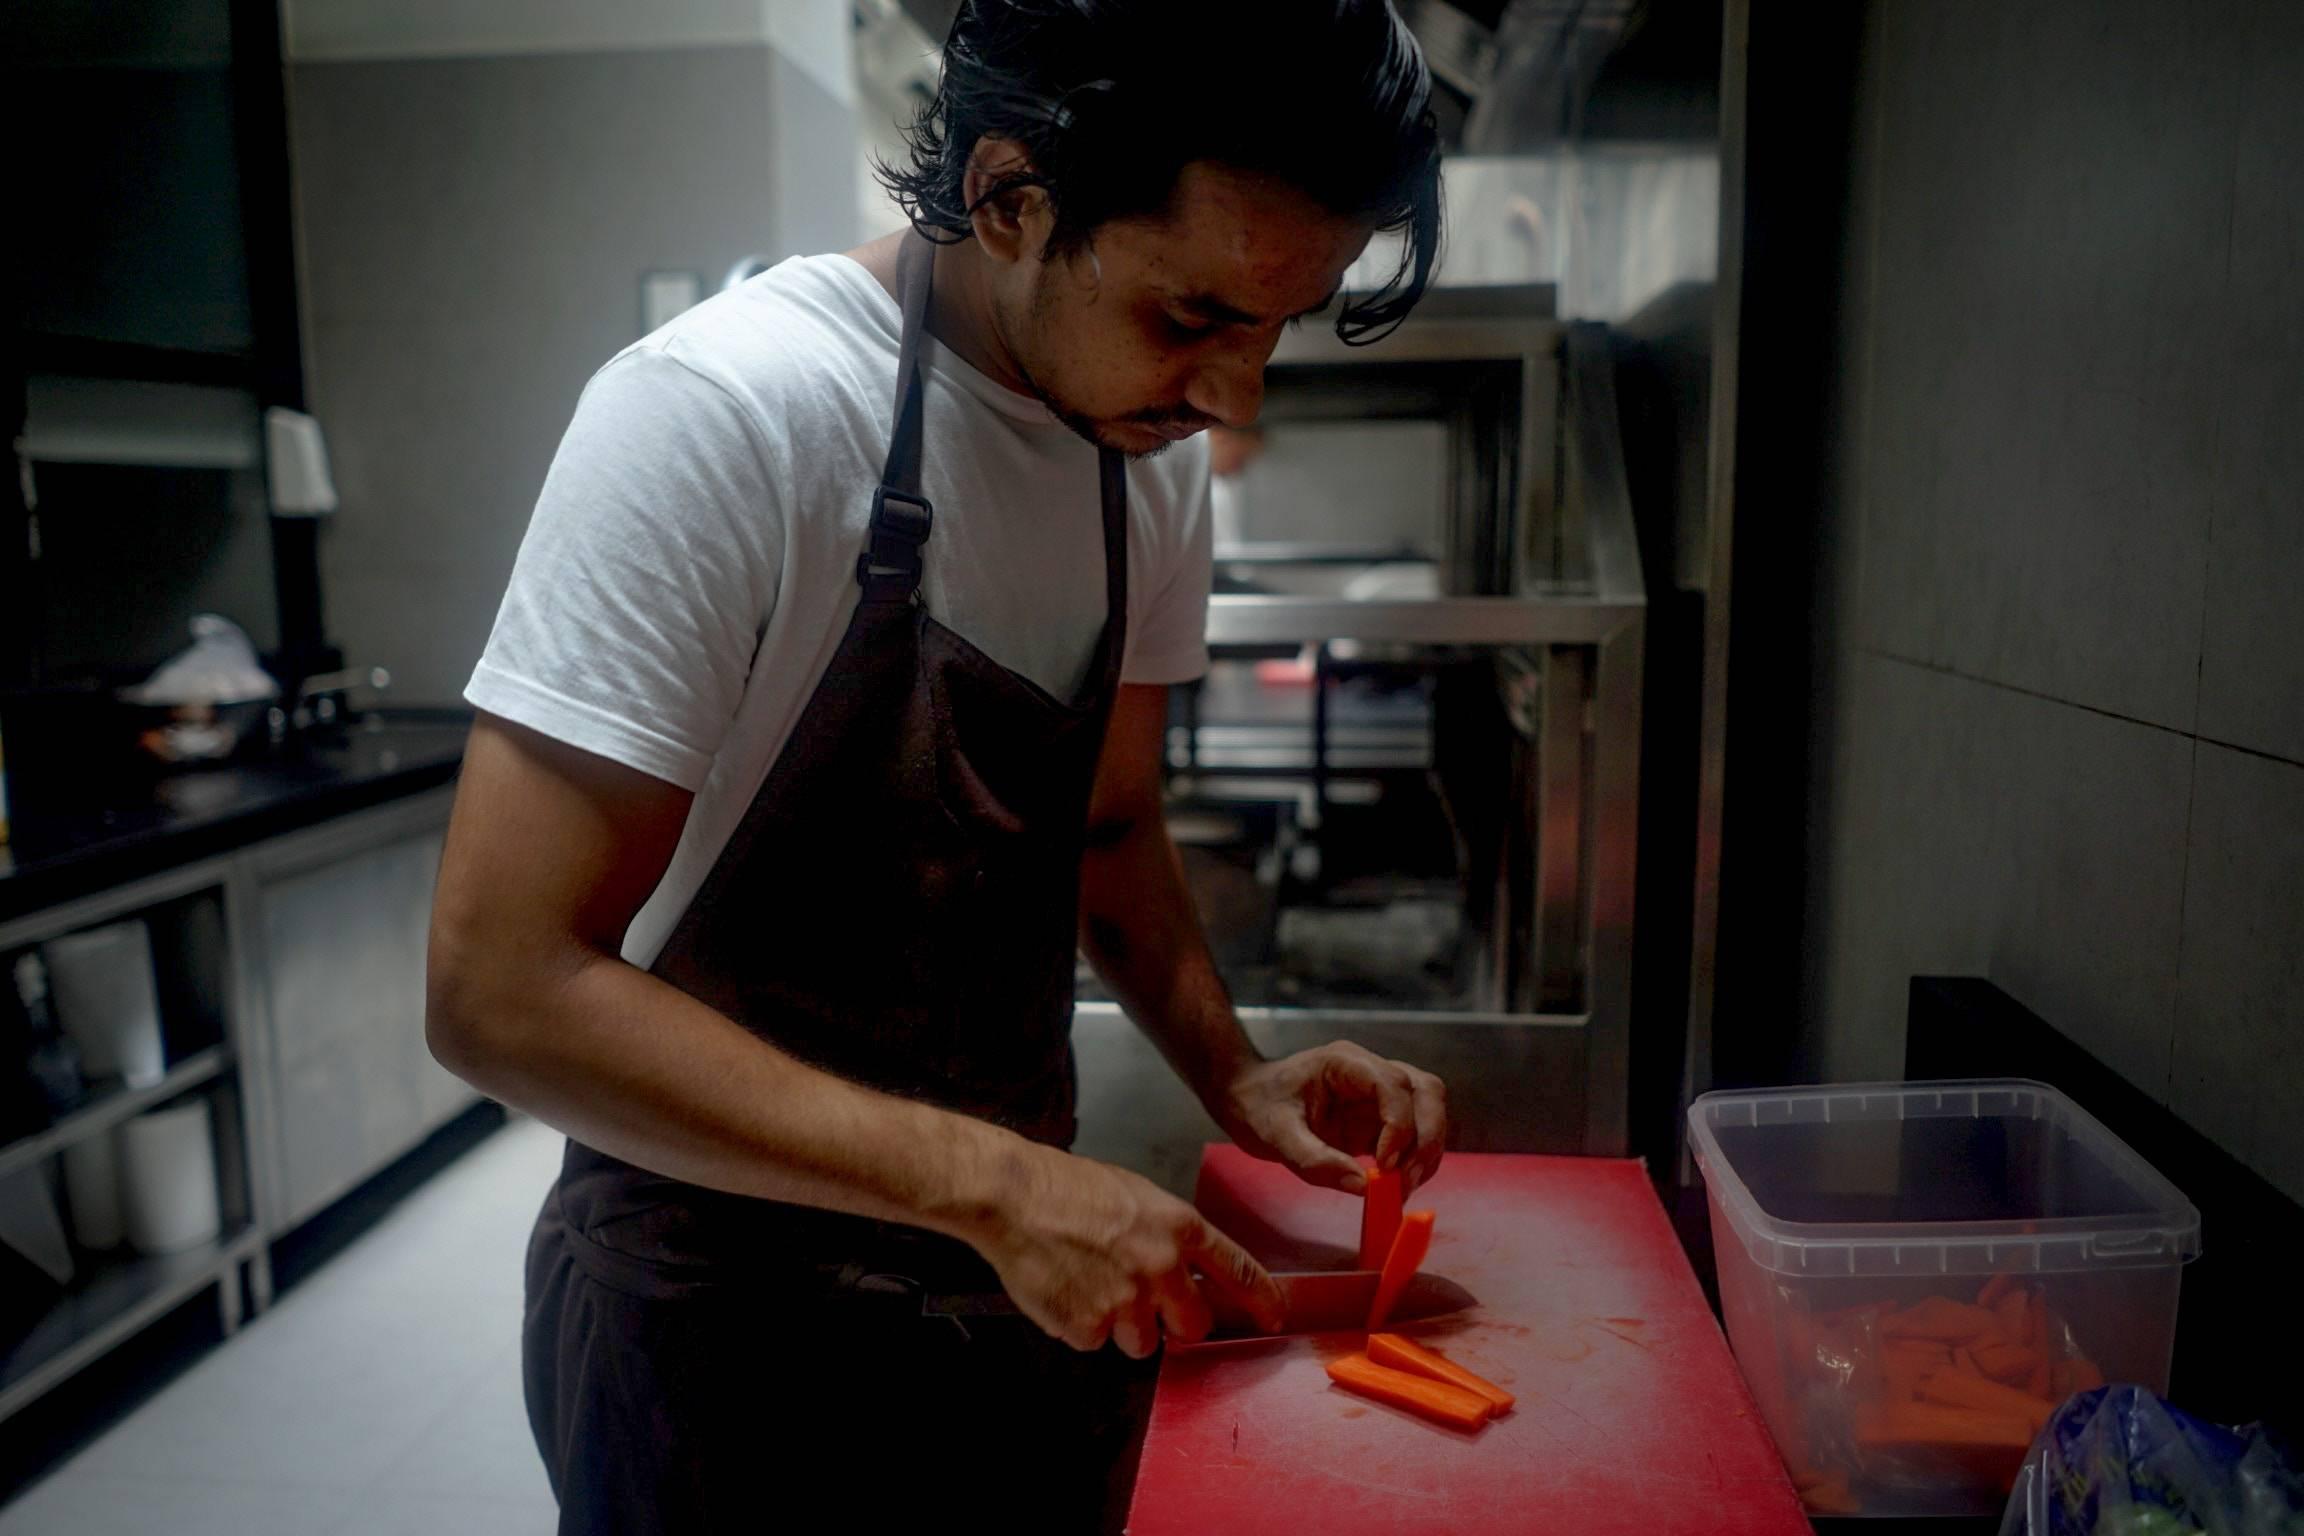 Als hulpkok ben jij in samenwerking met de chef kok en of de souschef verantwoordelijk voor het samenstellen en bereiden van schotels, gerechten en/of maaltijden. Mooi om als hulpkok ook eens een kijkje in een andere keuken te nemen!